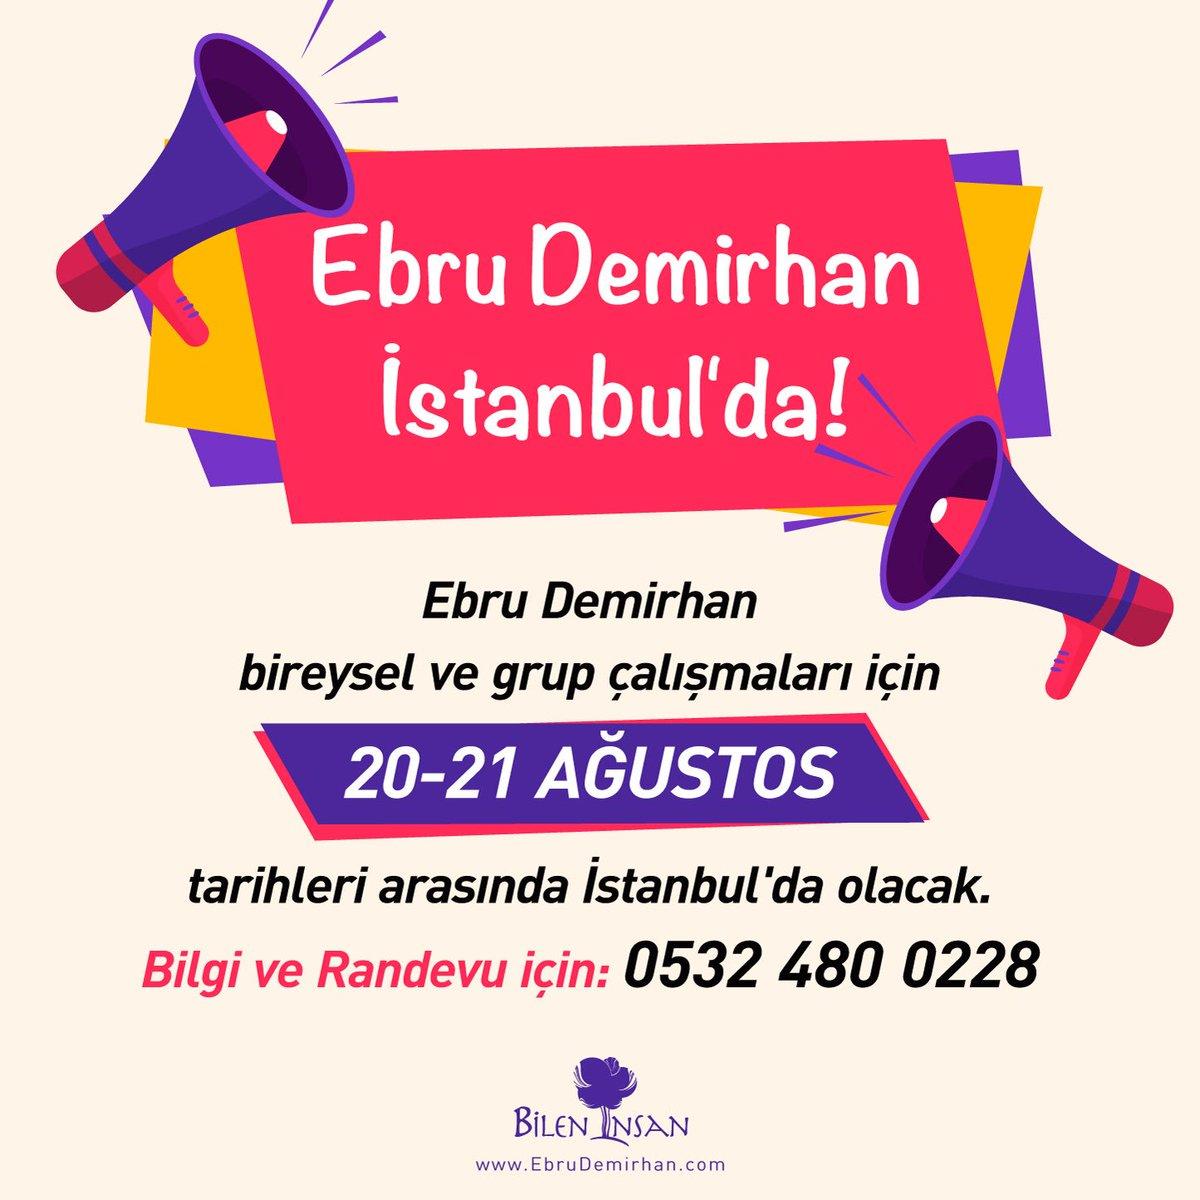 Ebru Demirhan İstanbul'a geliyor!  #ebrudemirhan #yasamtasarimmerkezi #bileninsan #kisiselgelisim https://t.co/3HLCysWAGt